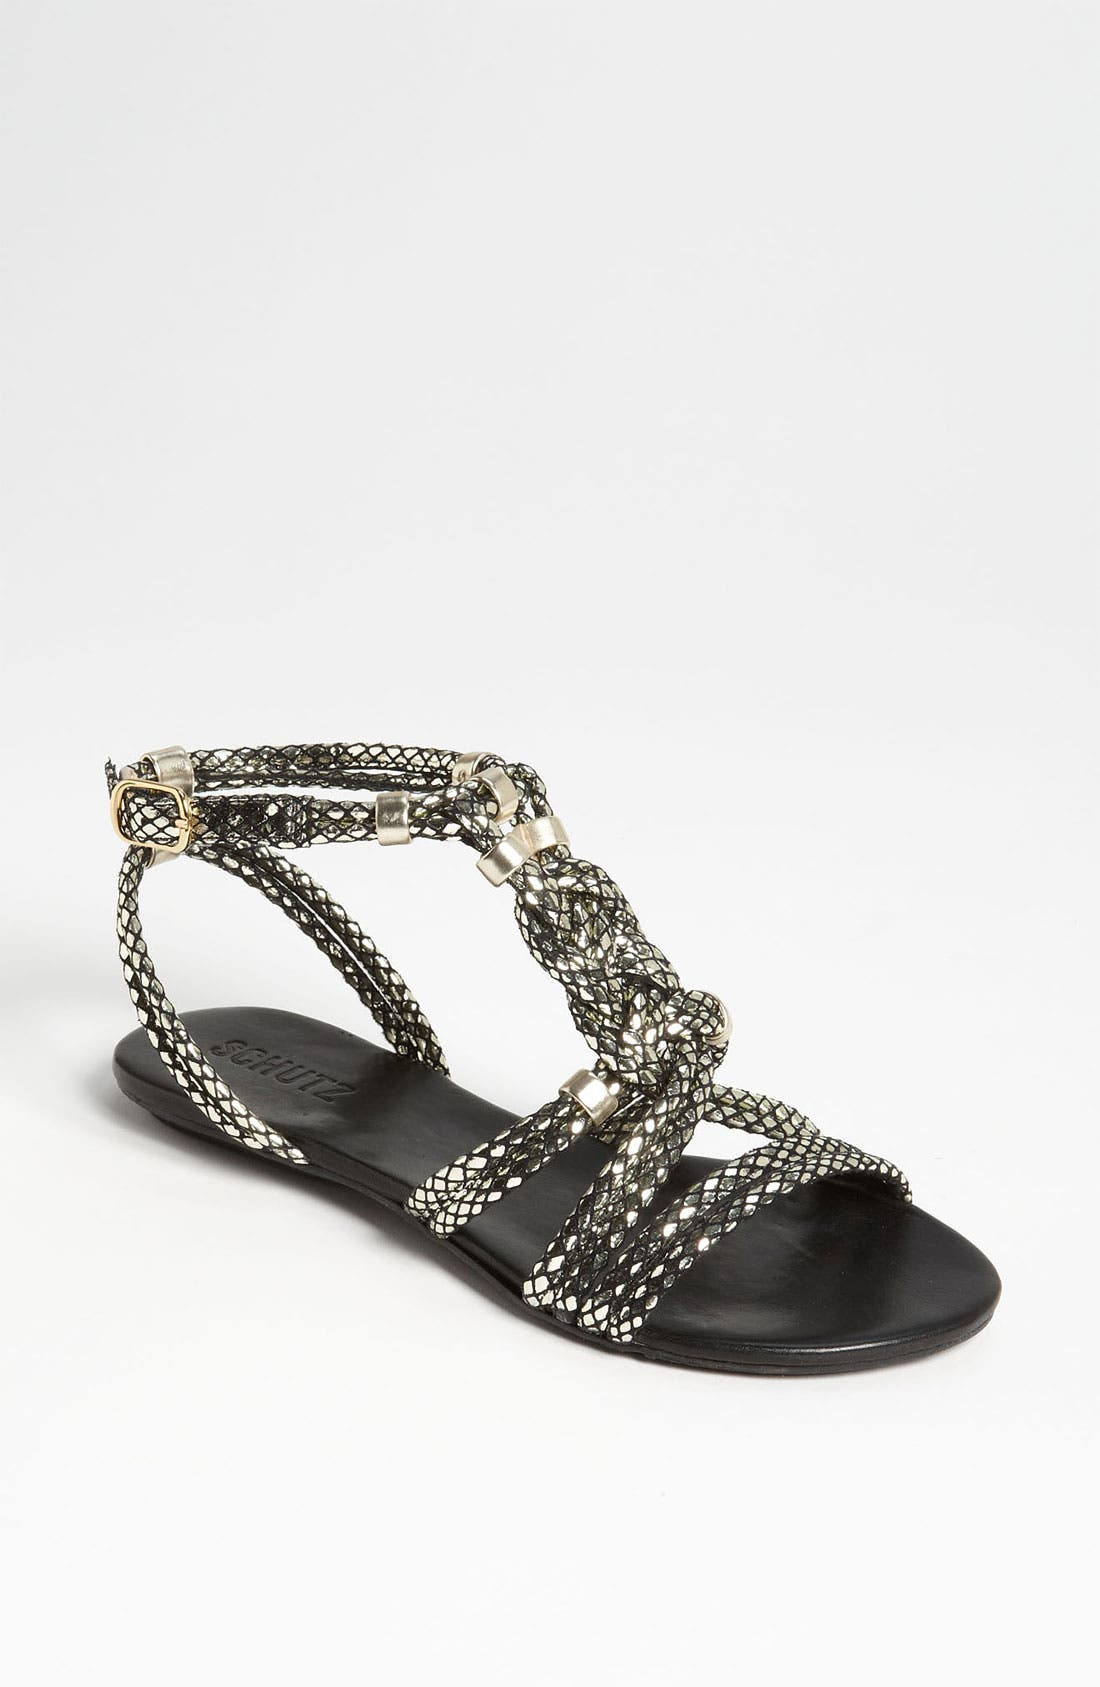 Alternate Image 1 Selected - Schutz 'Akshanan' Sandal